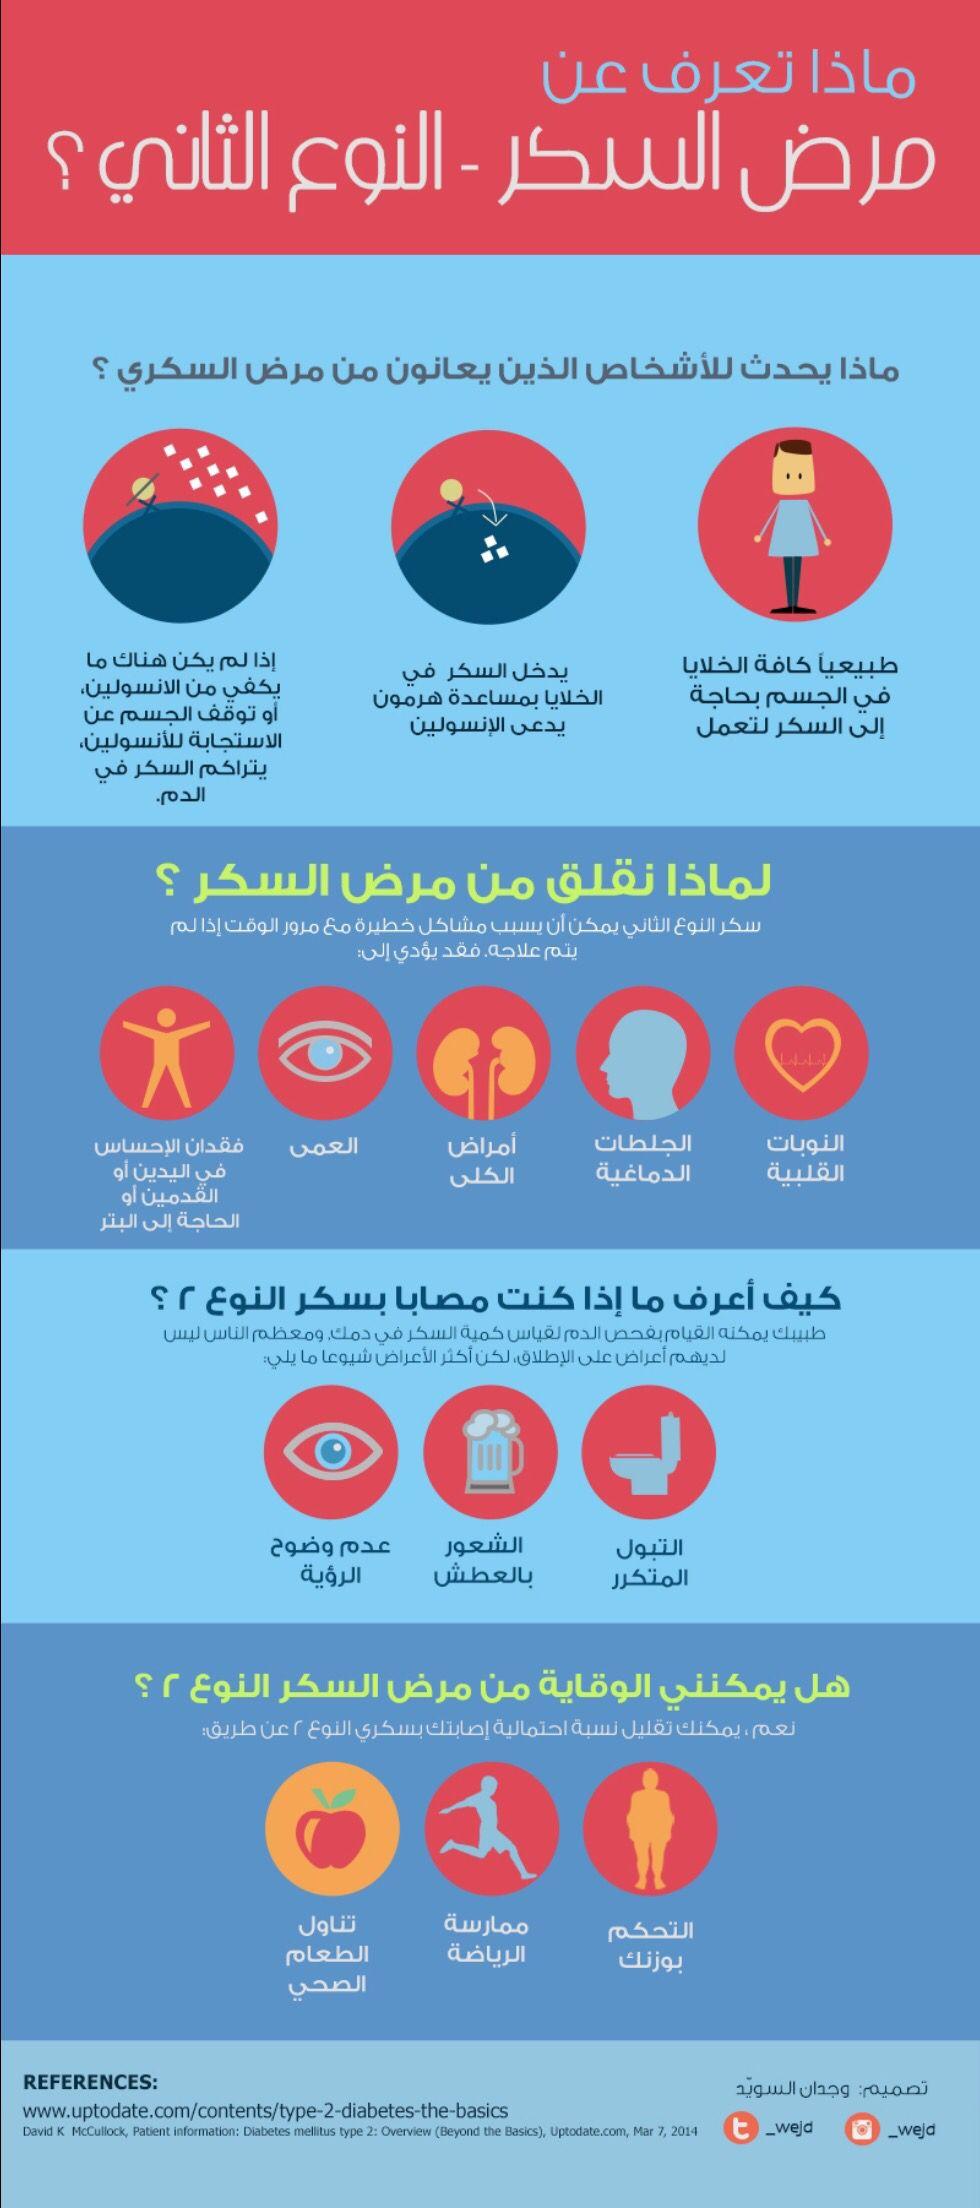 مرض السكري Health Healthy Diabetes Education Health Advice